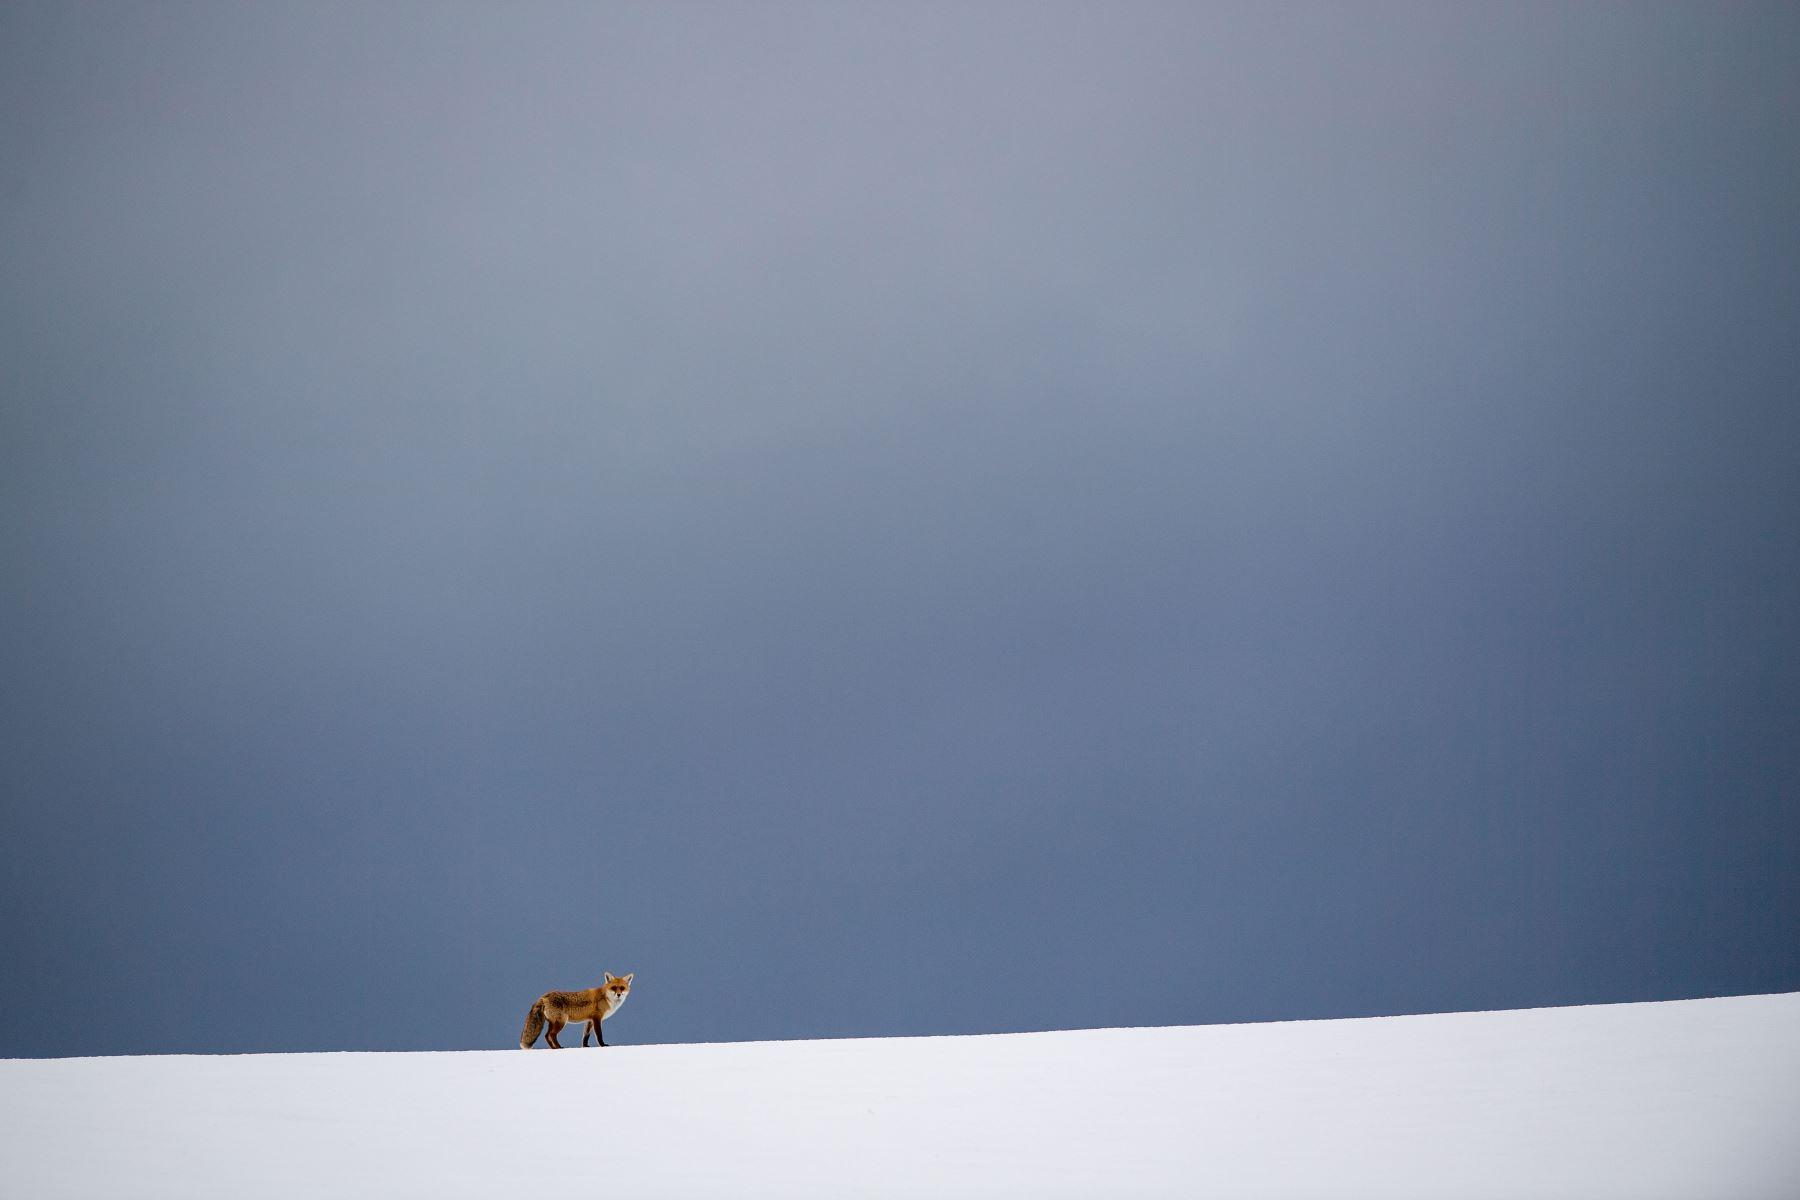 Un zorro aparece en un campo cubierto de nieve en Erkenbollingen, en el sur de Alemania, cuando está nublado. Foto: AFP/dpa/ Lino Mirgeler